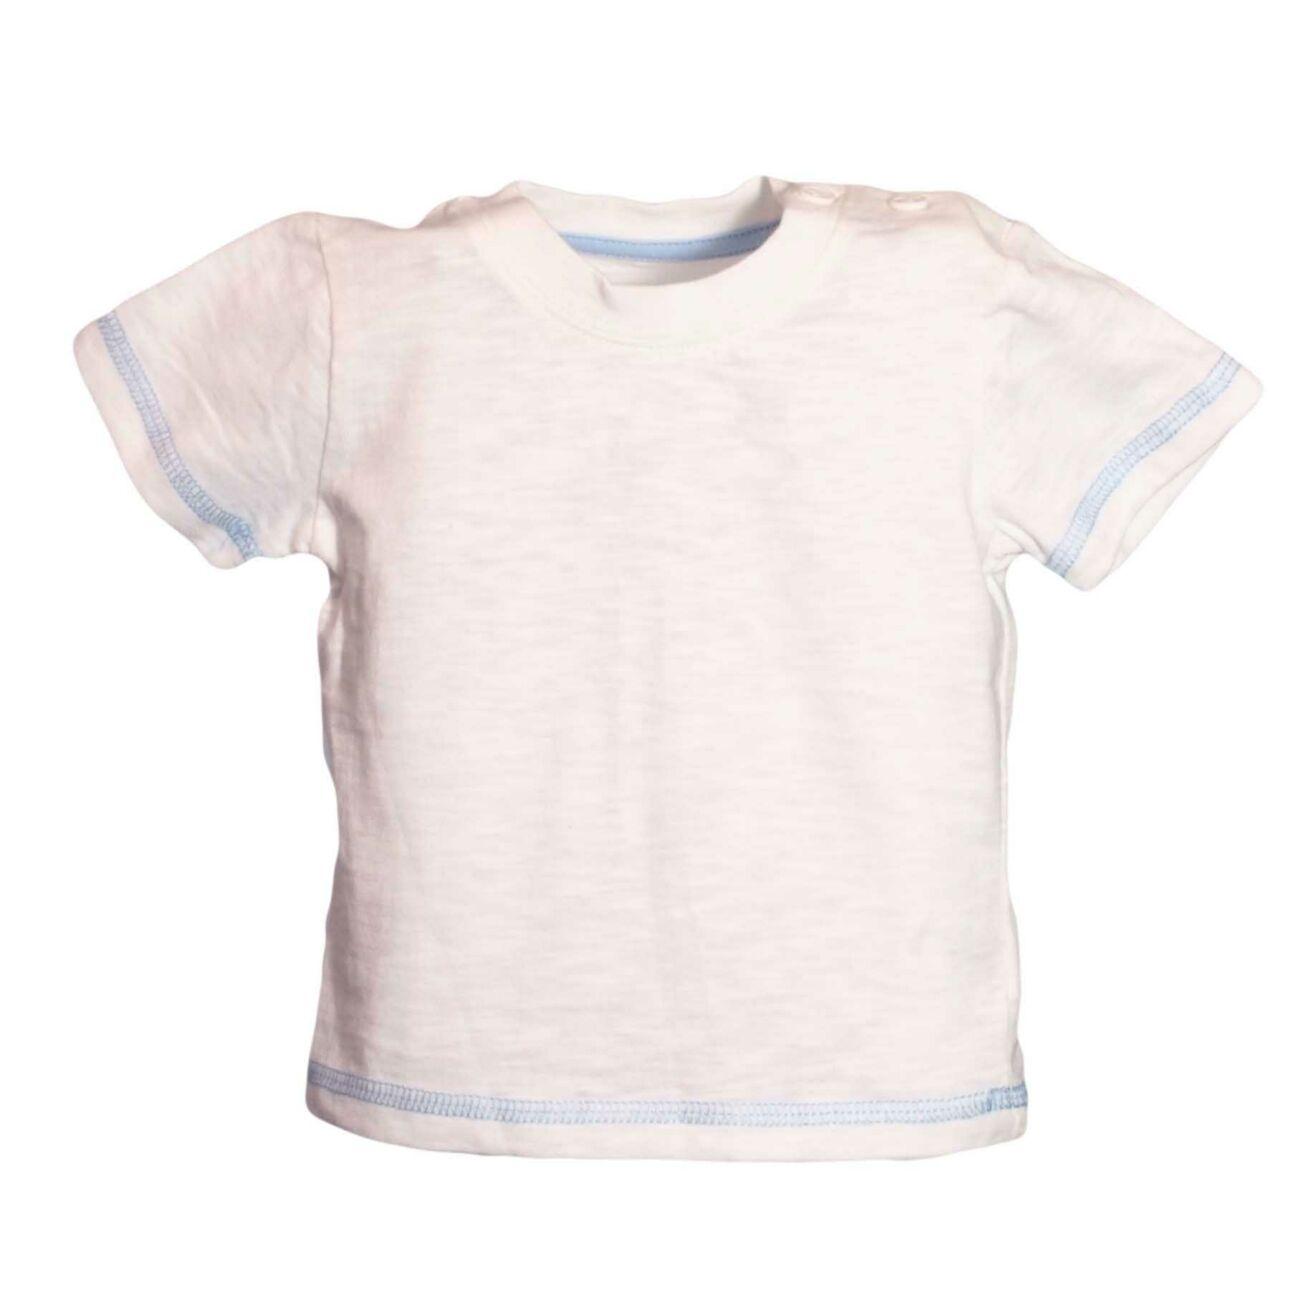 Kék varrásos fehér póló (56-62)